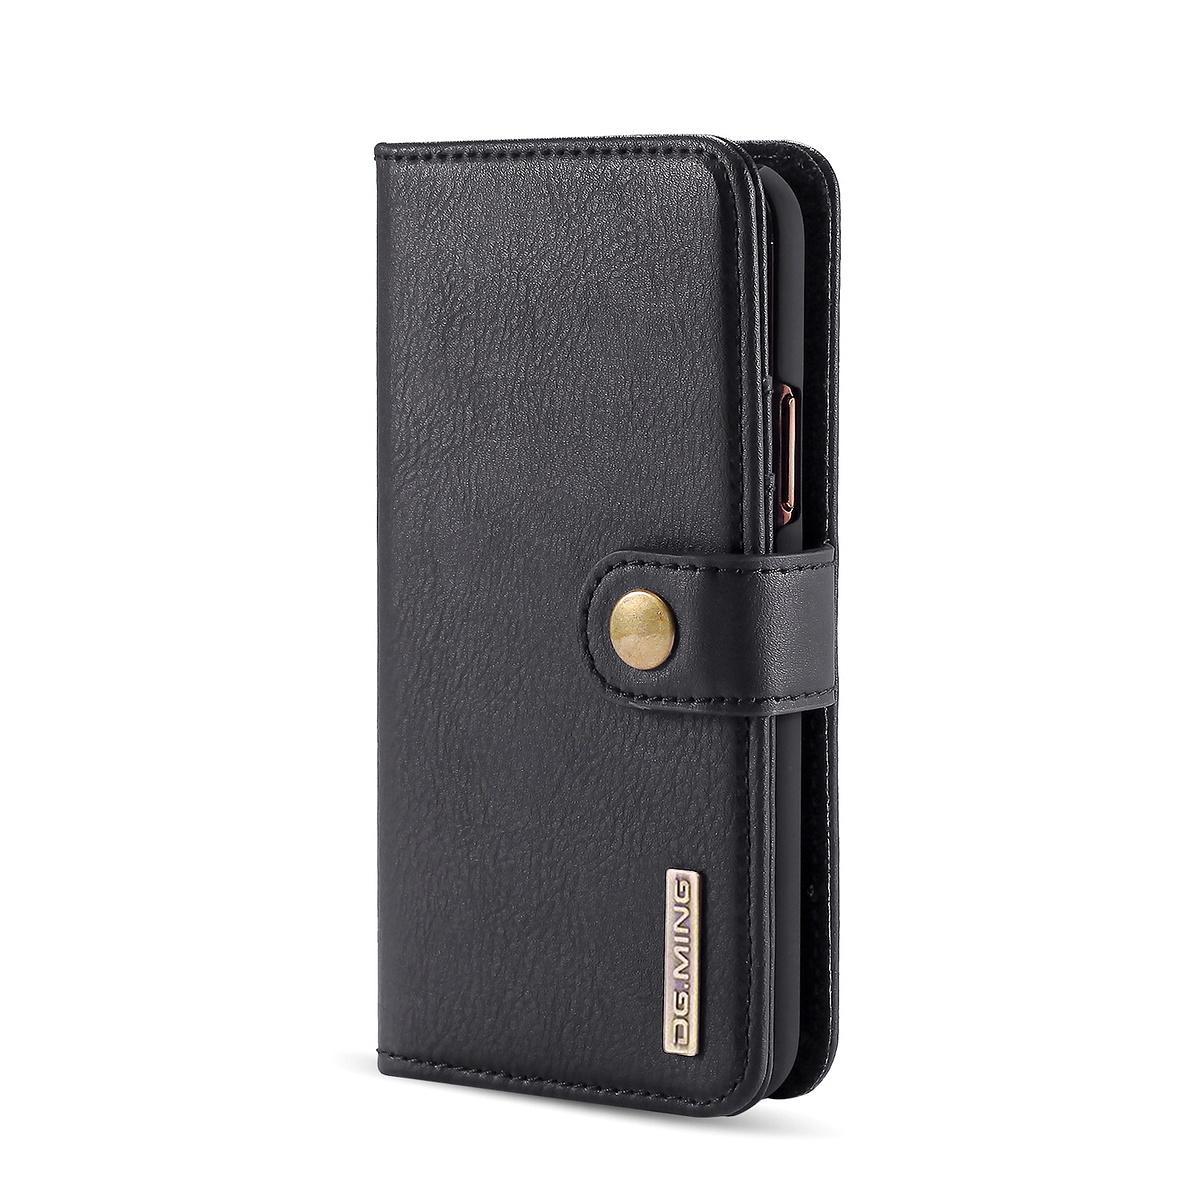 DG.MING fodral med magnetskal & ställ, iPhone 11 Pro Max, svart